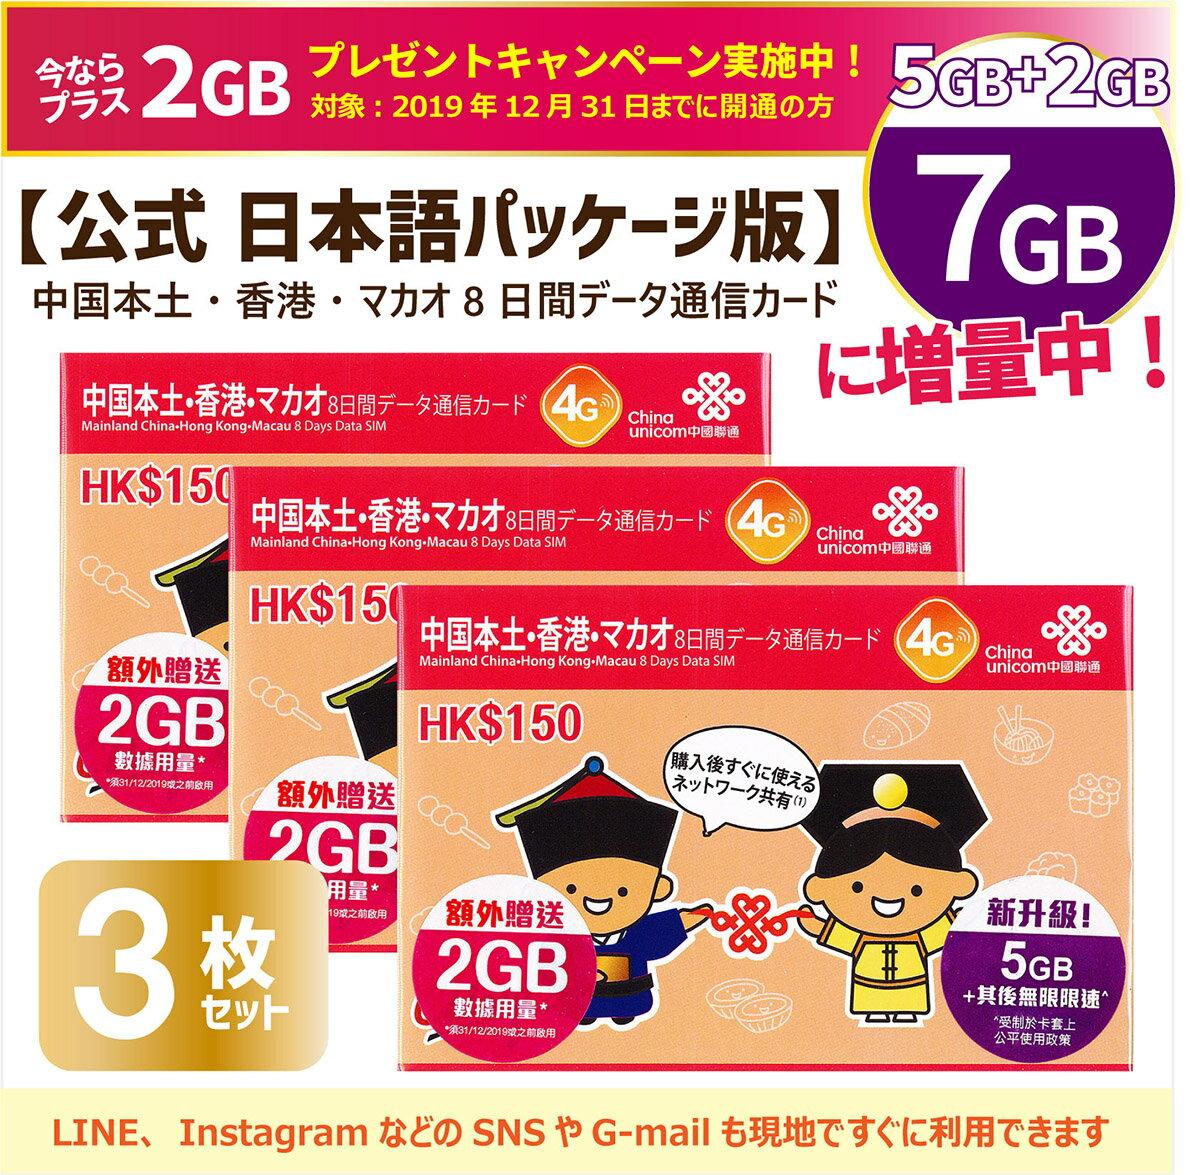 あす楽対応/3枚お得セット 中国・香港・マカオ データ通信SIMカード(8日間/7GB) China Unicom 10月より7GBに増量。 ※開通期限2020/12/31